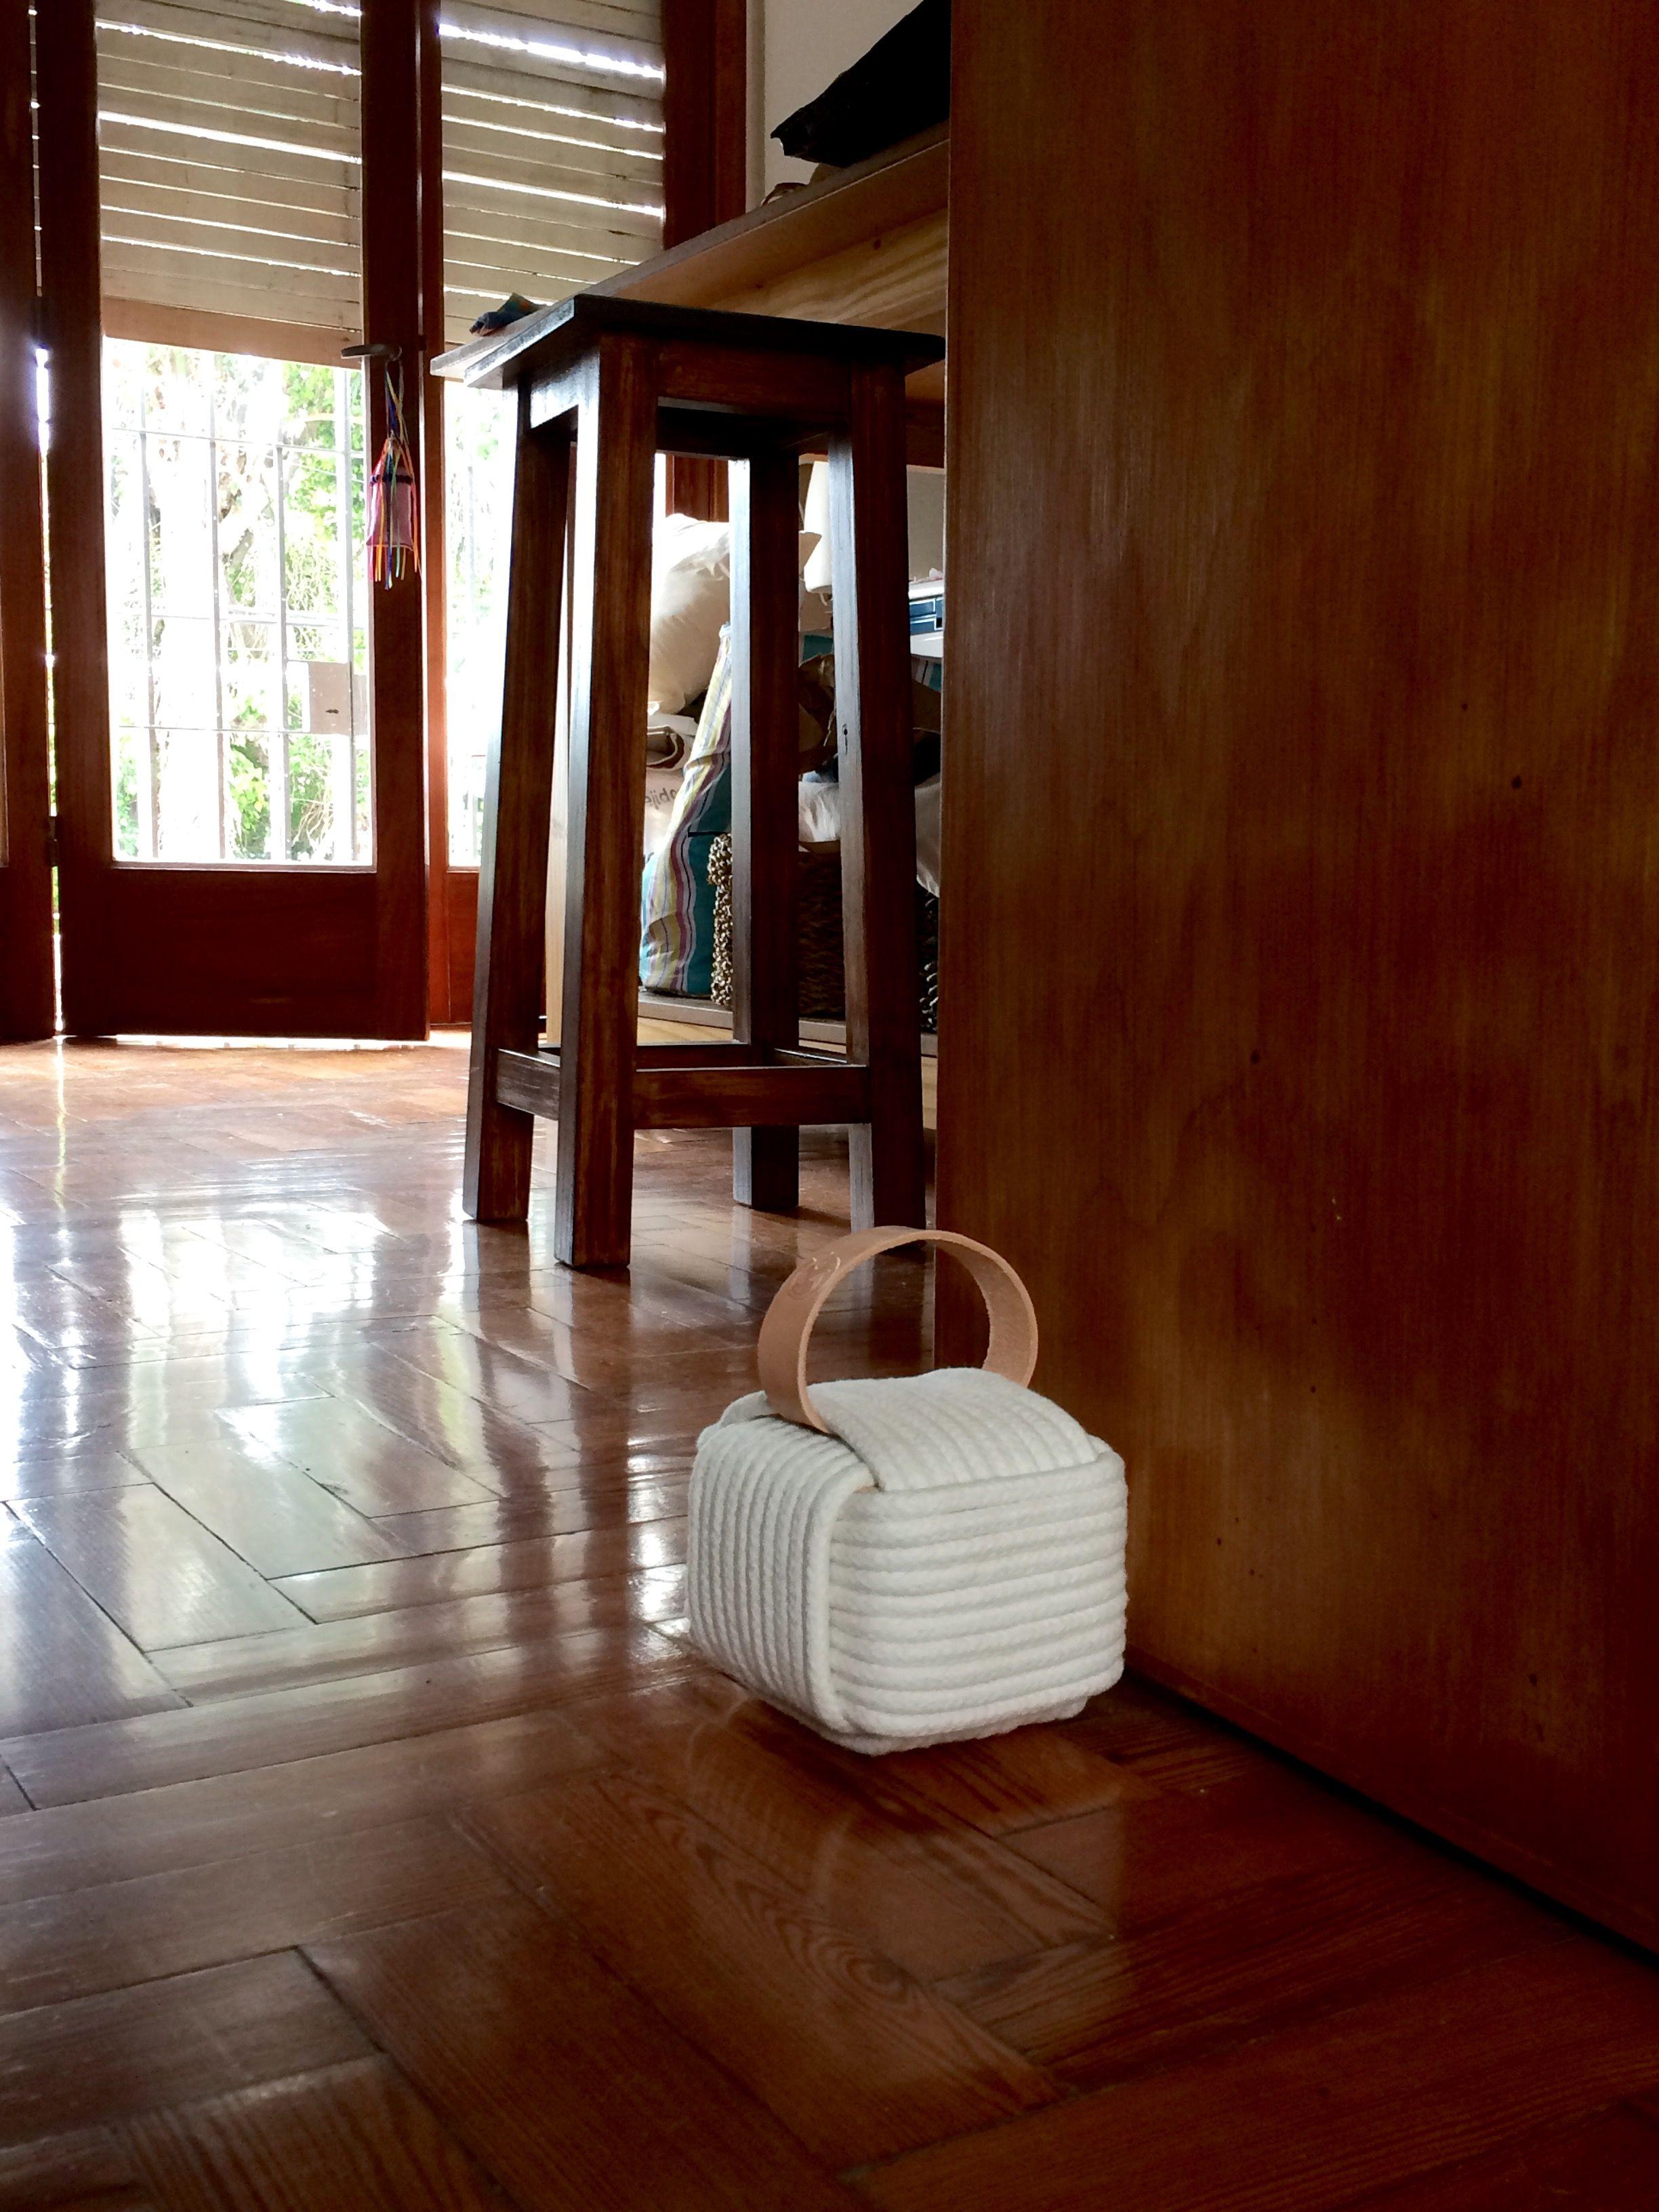 Tope De Puerta Door Stop ドアストッパー Rope Leather